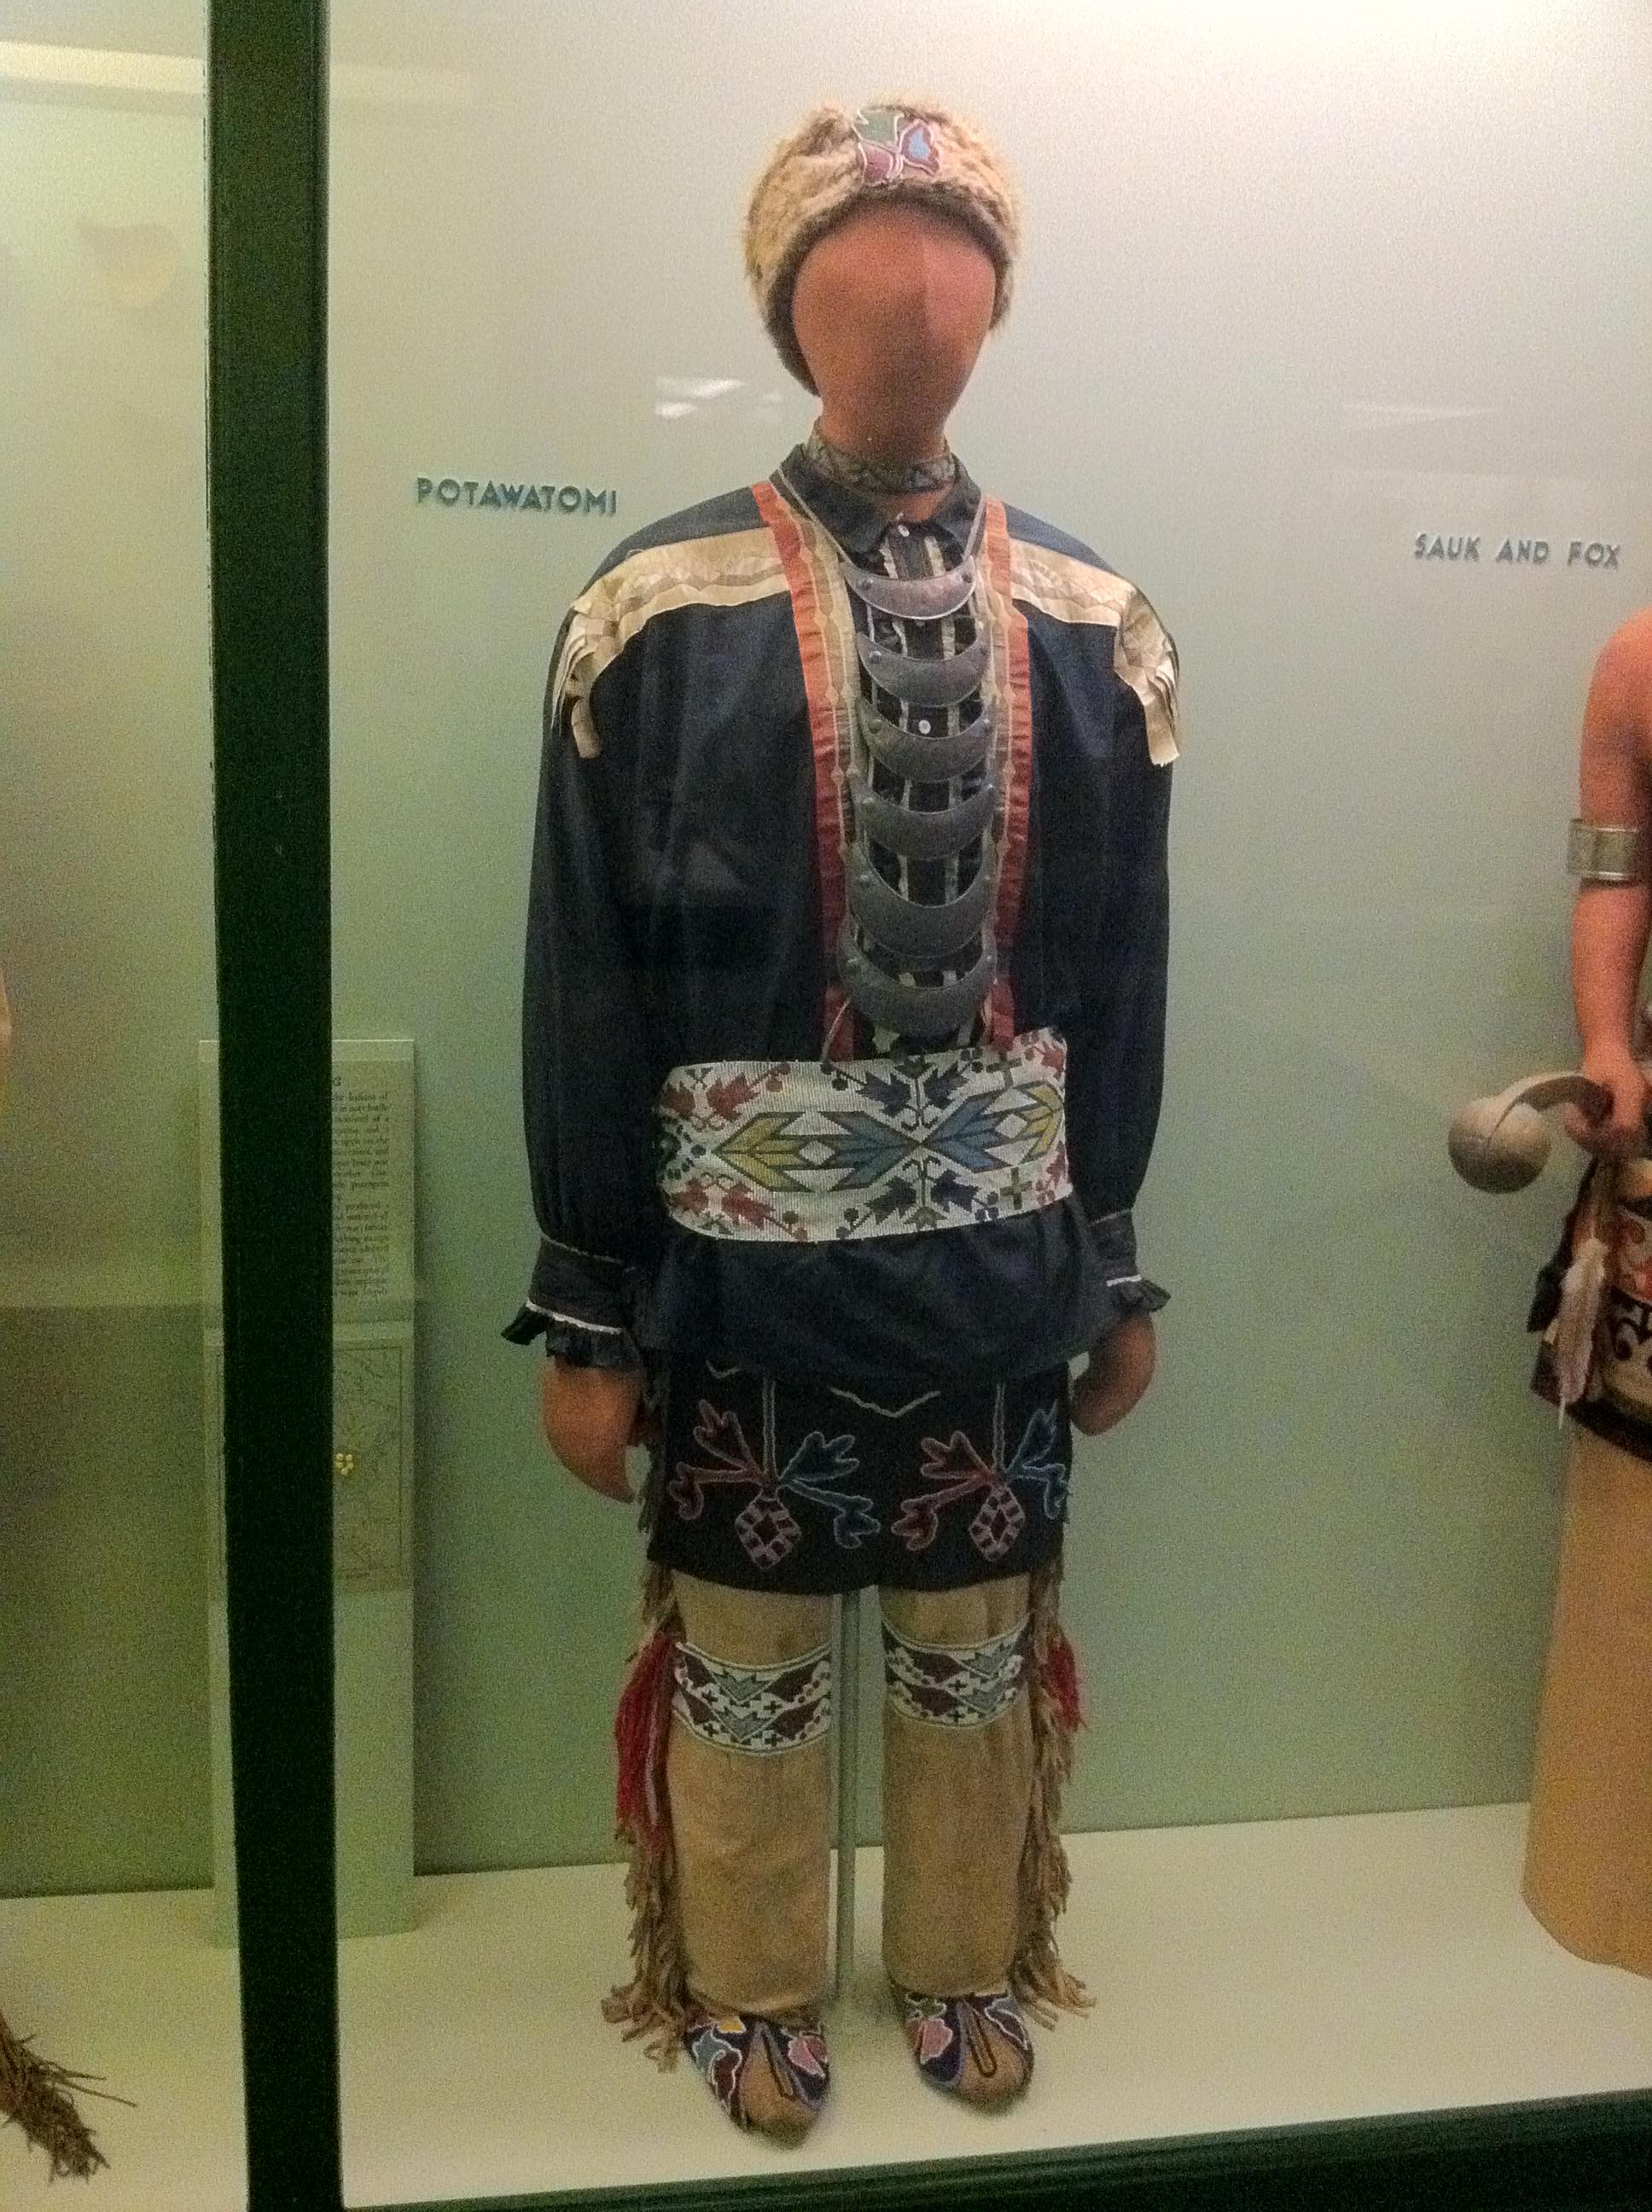 Old Potawatomi Photos